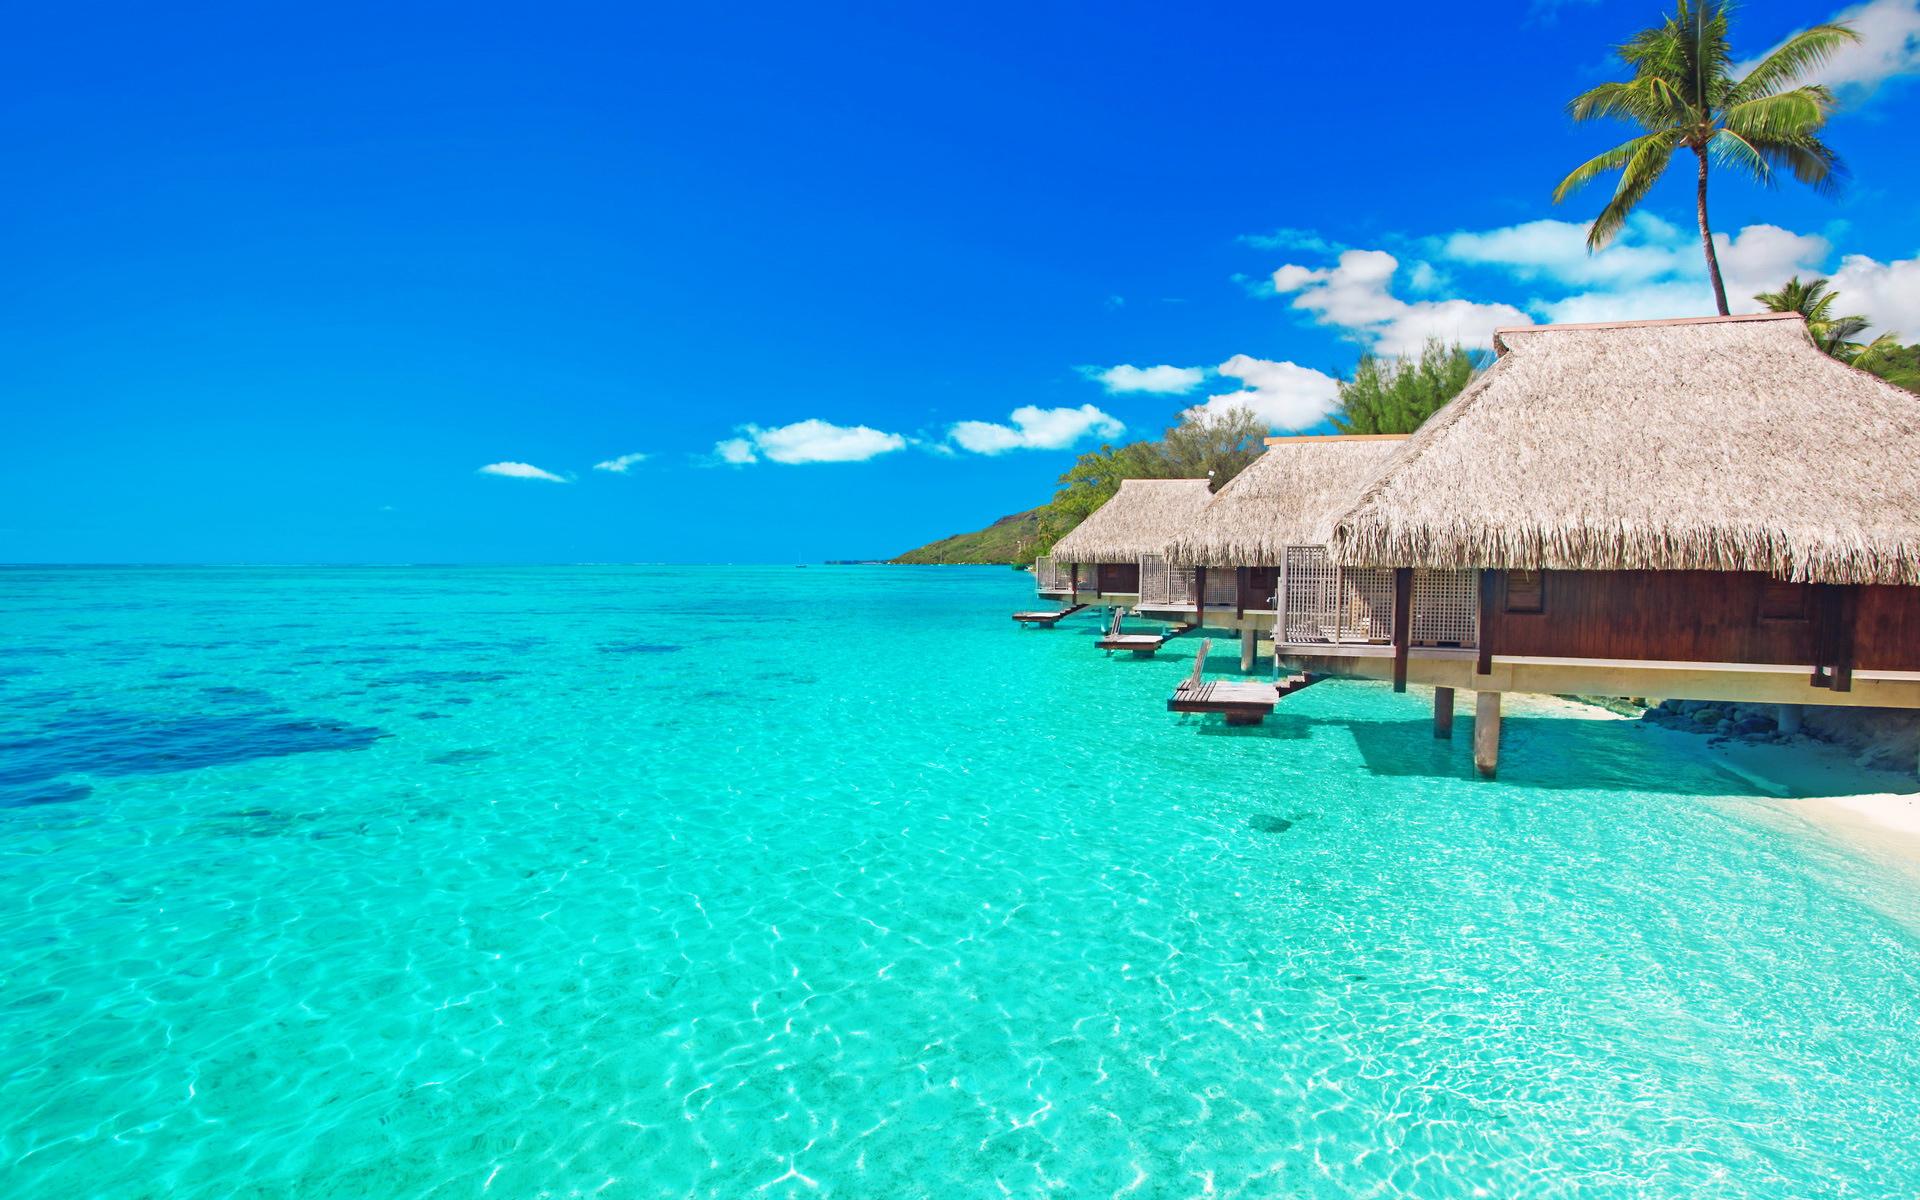 Ресторан на пляже тропический острова обои скачать